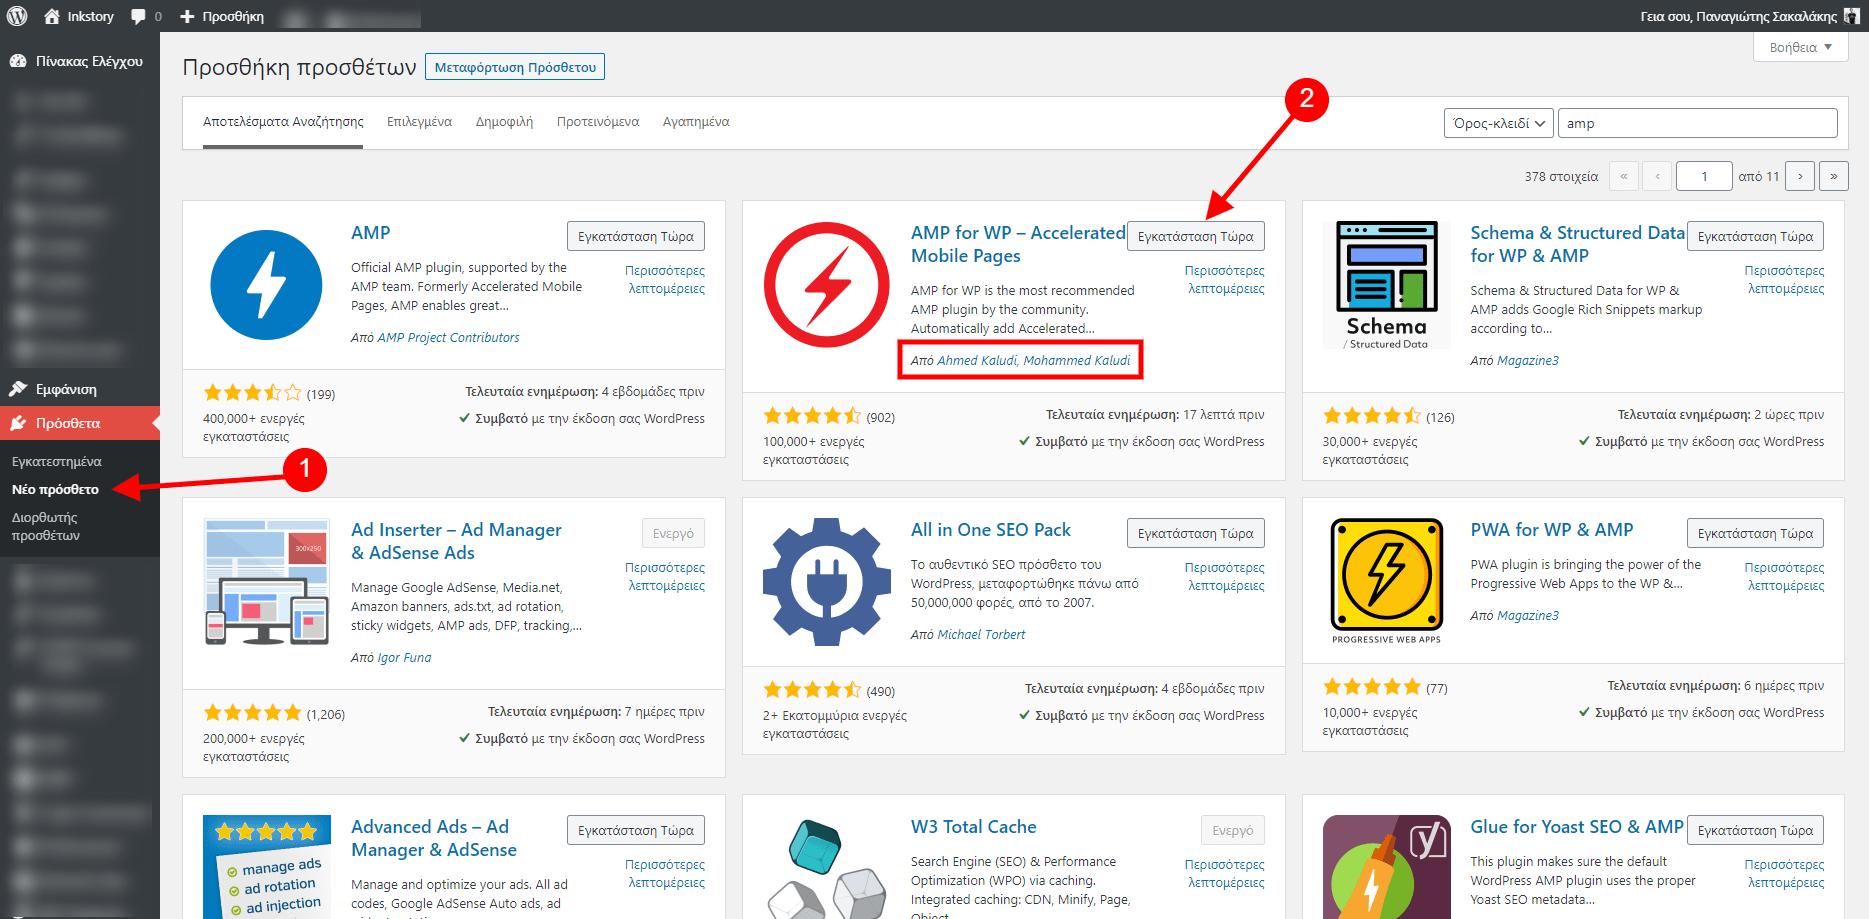 Εγκατάσταση του AMP for WP - Accelerated Mobile Pages στο WordPress